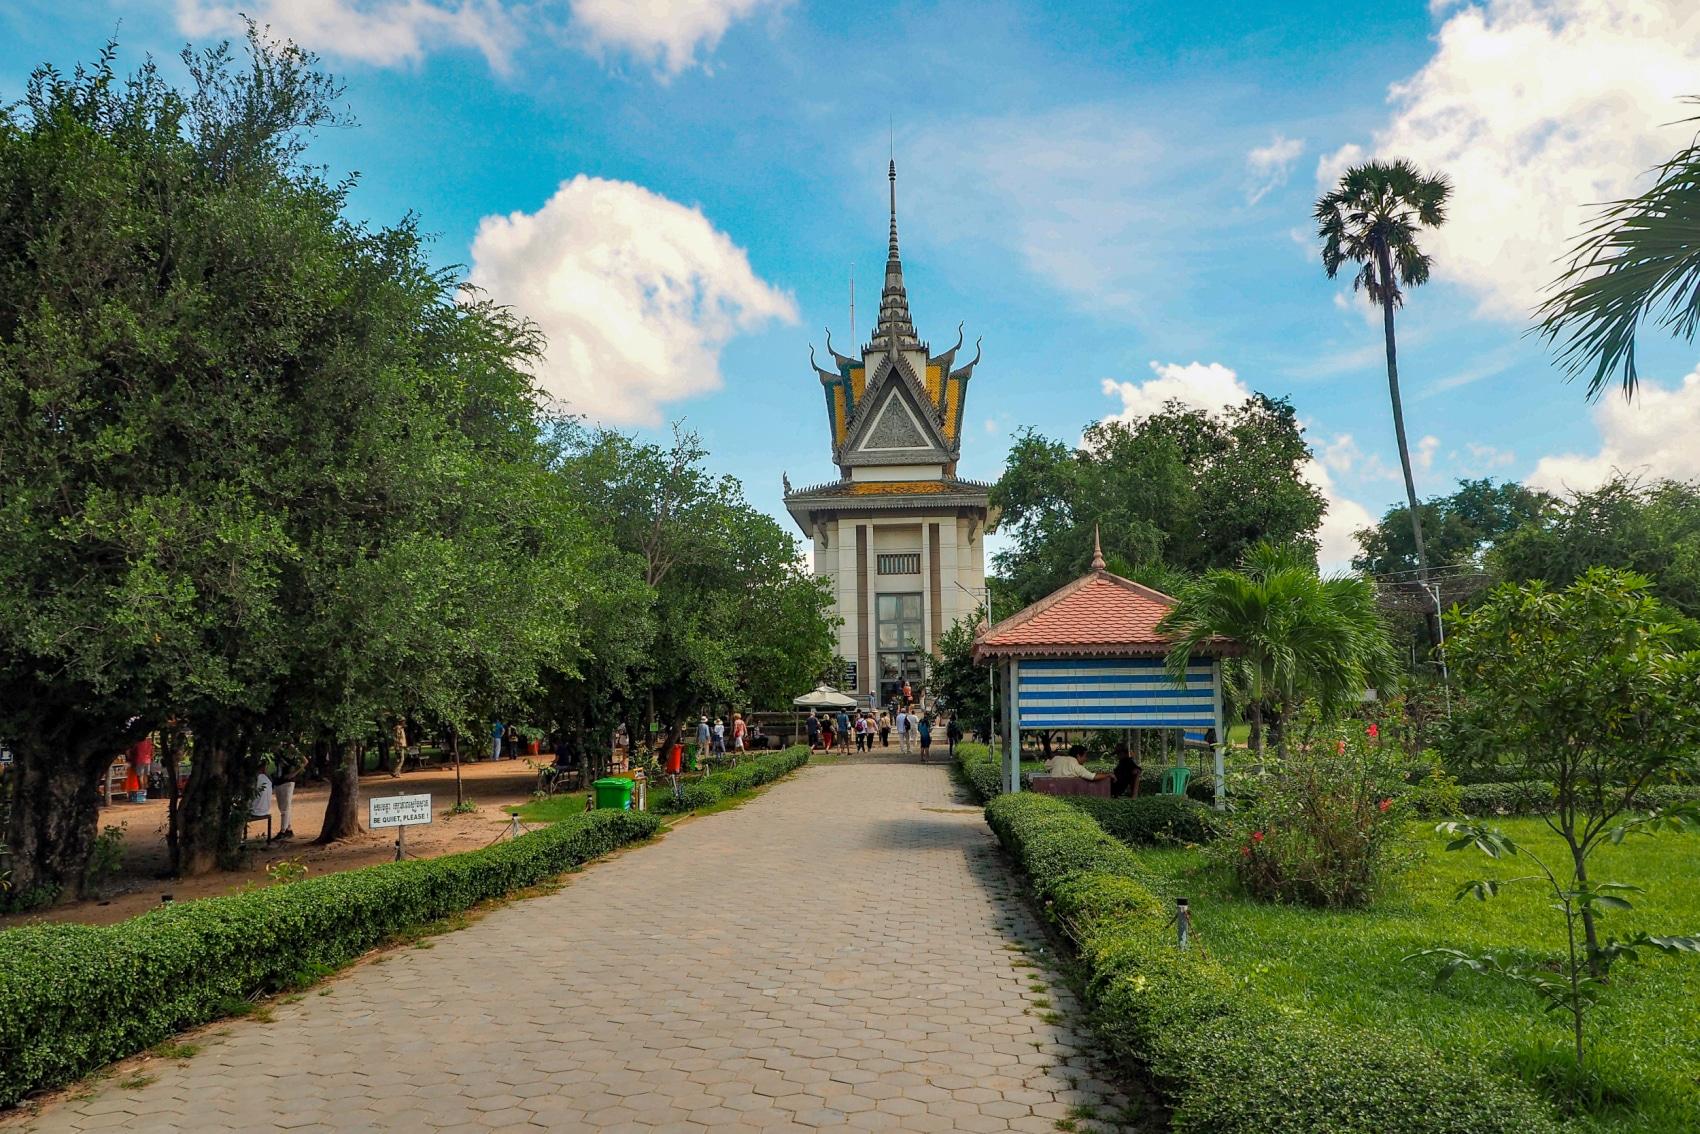 Kaplica Czaszek - pierwszy widok, który rzuca się w oczy, po wejściu na Pola Śmierci.